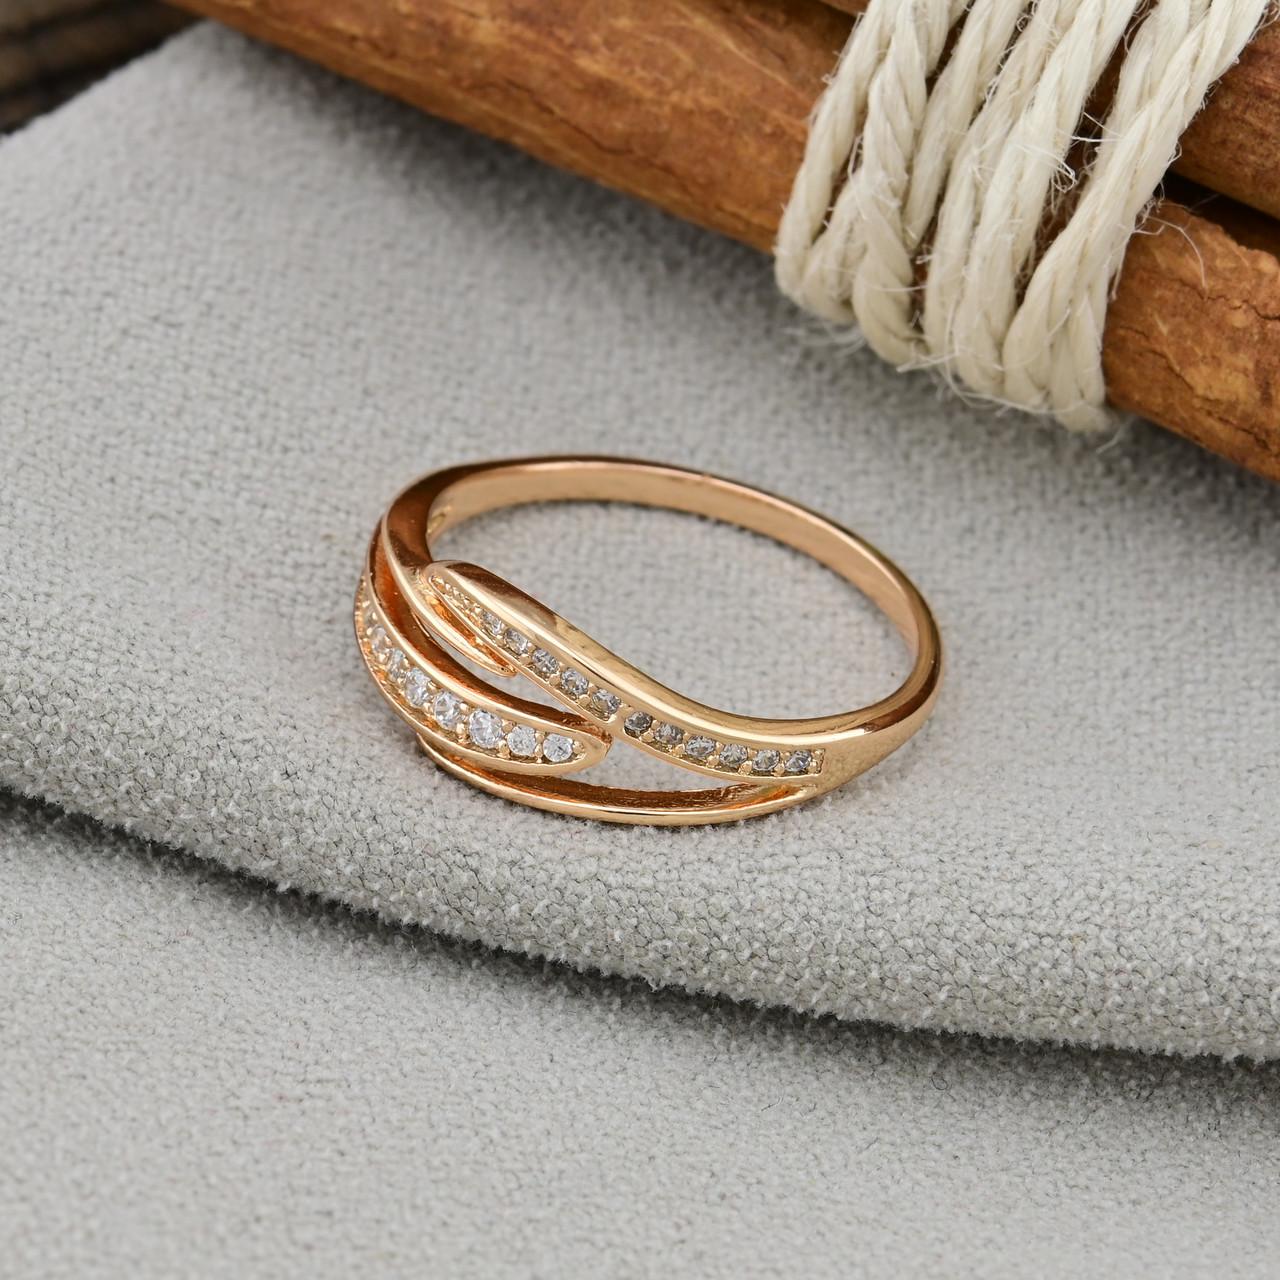 Кольцо Xuping 14768 размер 18 ширина 7 мм вес 1.6 г белые фианиты позолота 18К